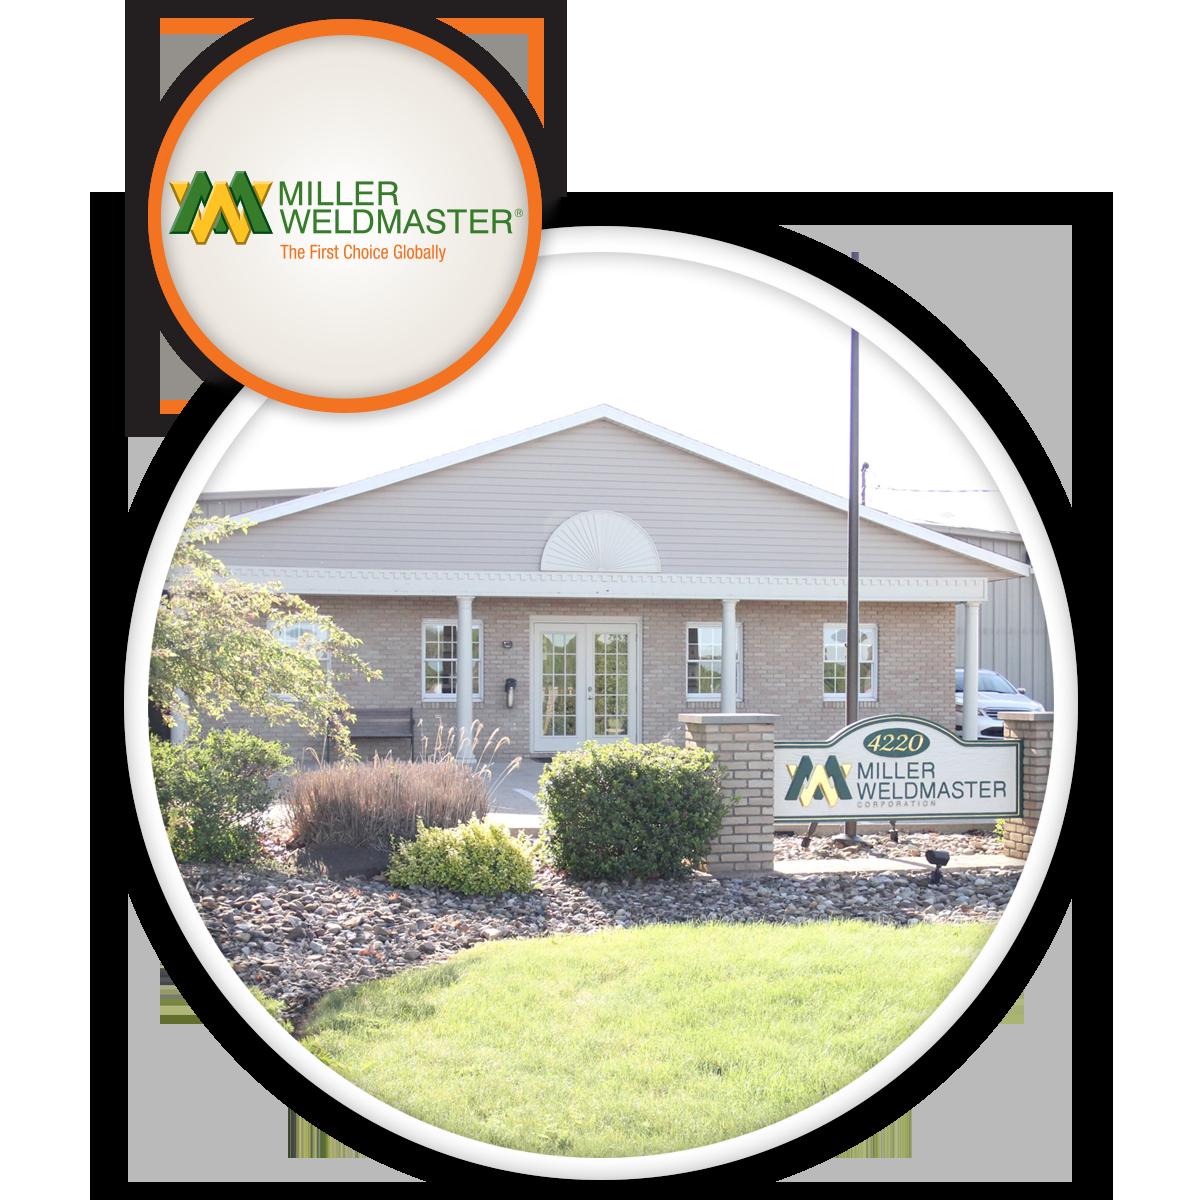 Miller Weldmaster Ohio Headquarters Location